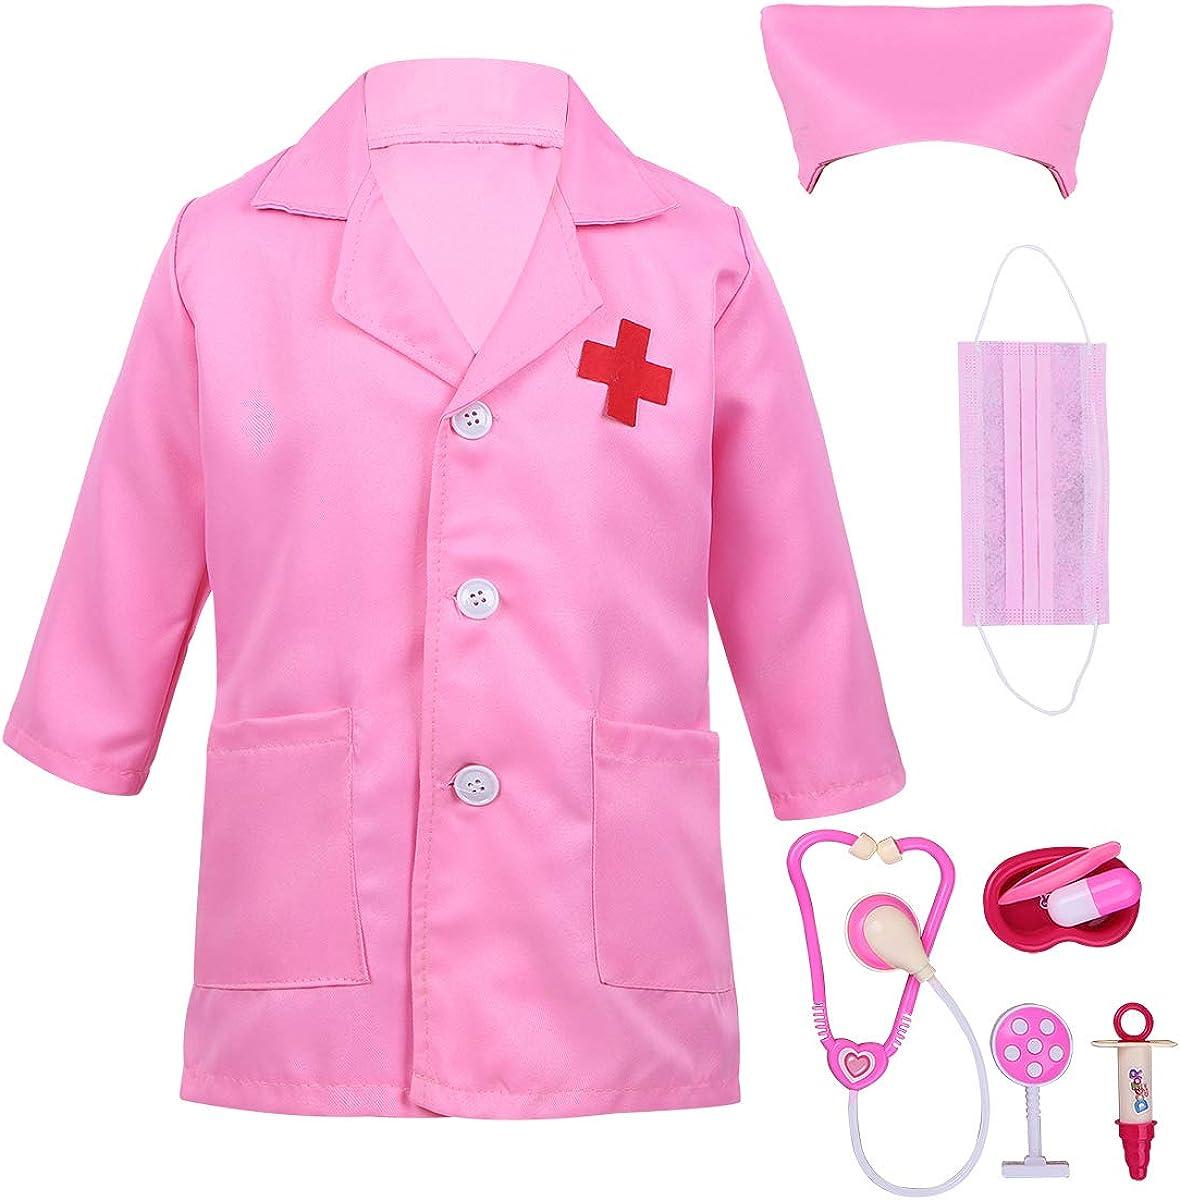 TiaoBug Unisexo Bata Blanca/Rosa Manga Larga de Doctor/Enfermera Disfraz Cosplay para Halloween con Accesorios(Estetoscopio+Jeringa etc.)